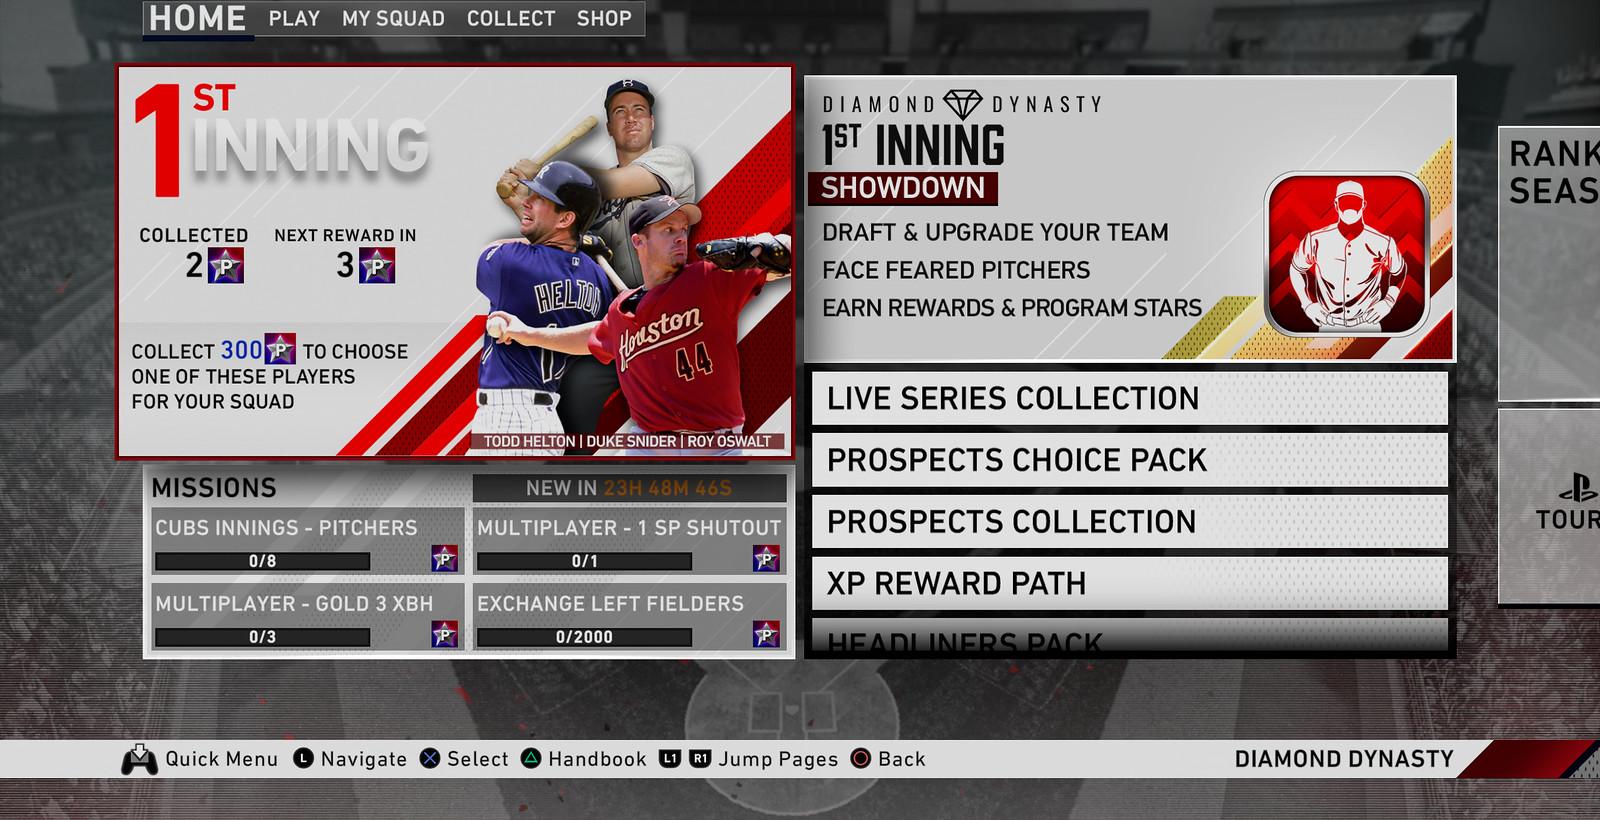 49667118942 c71dd67f38 h - MLB The Show 20 erscheint heute für PS4 – jetzt 10 Features und Tipps lesen